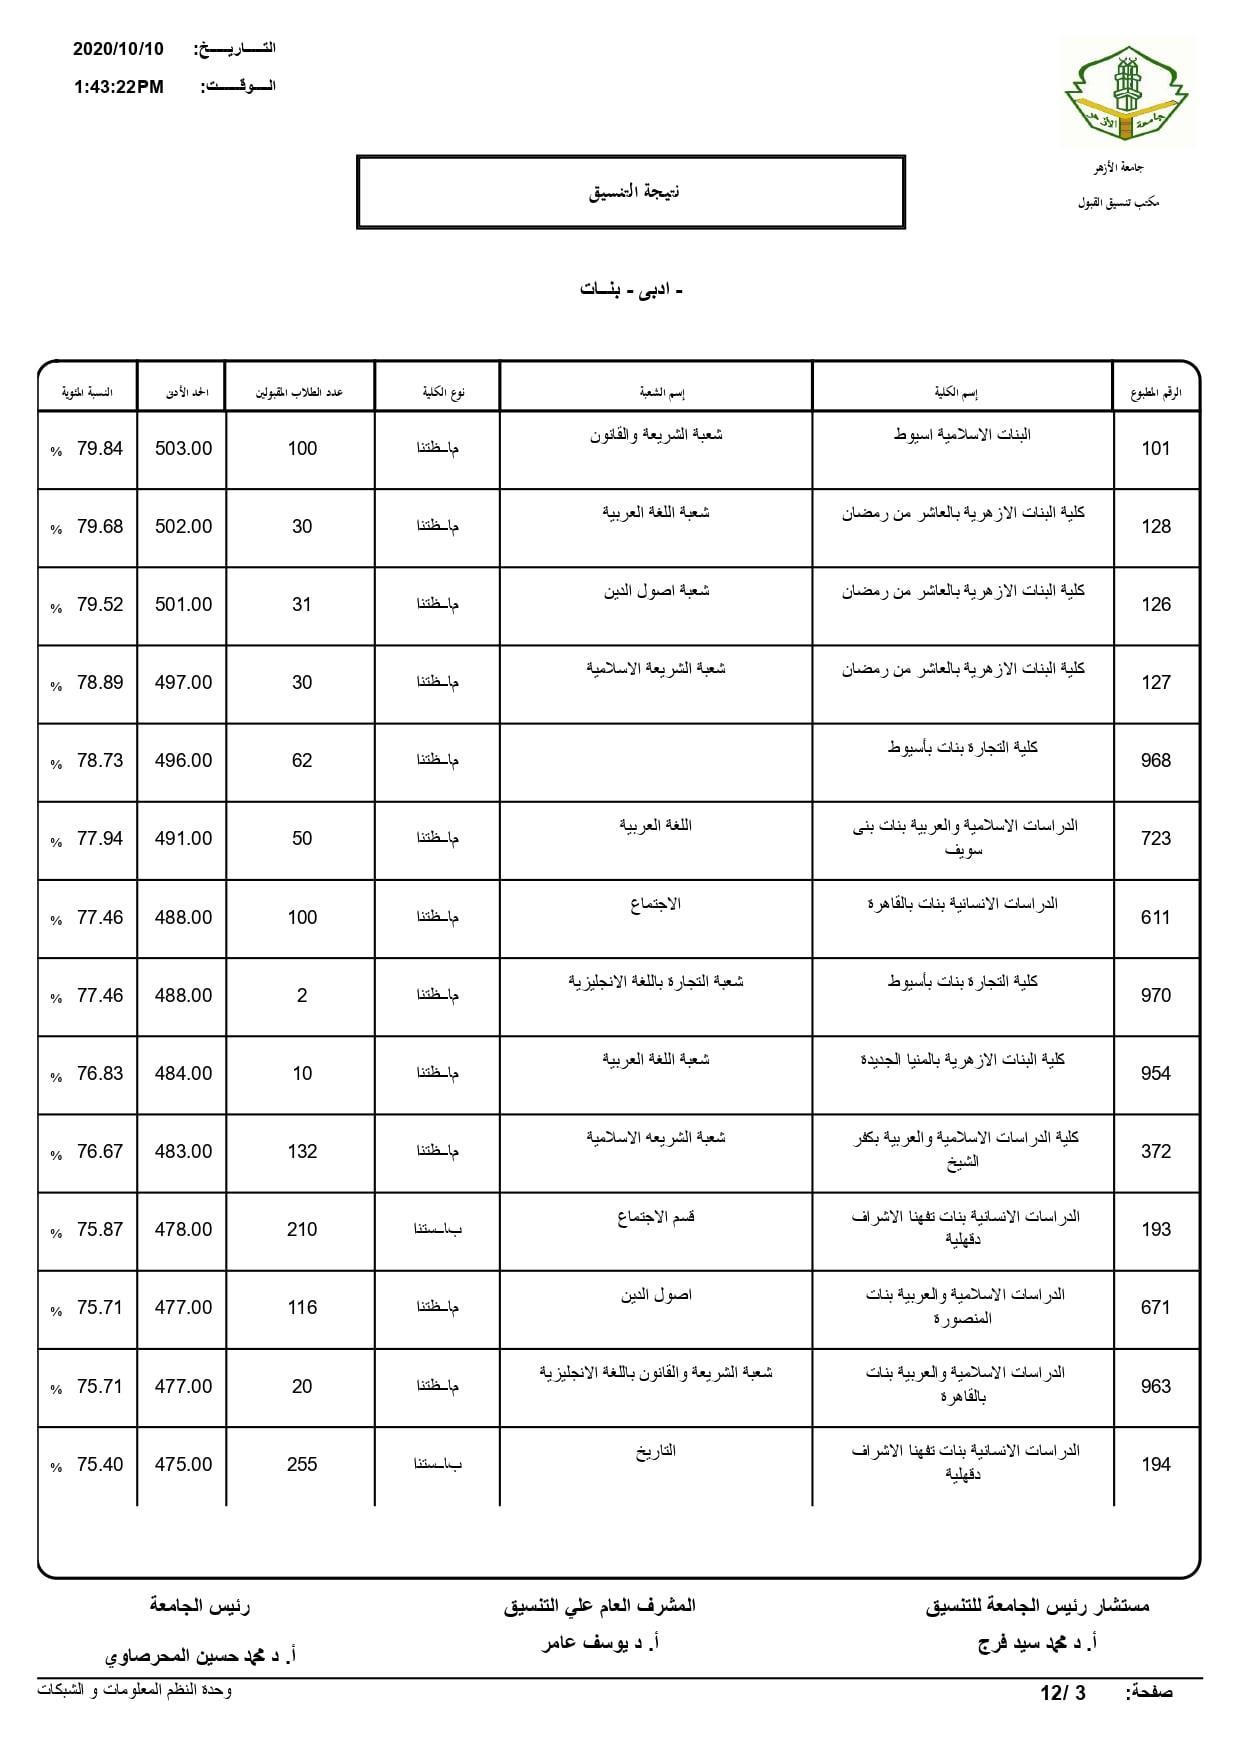 نتيجة تنسيق كليات جامعة الأزهر لعام 2020 بالكامل 20201010202504191